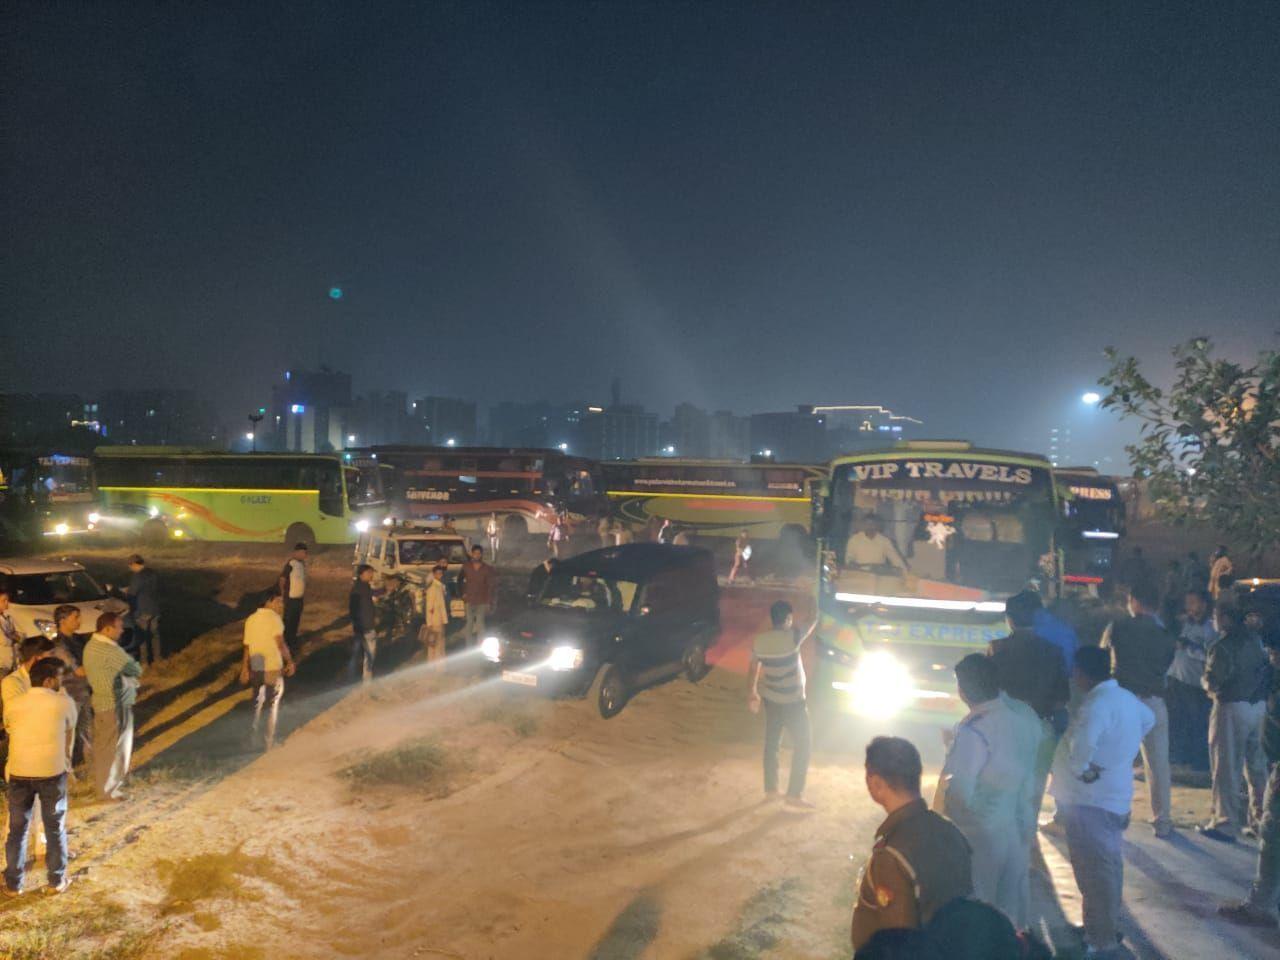 नोएडा पुलिस का ओपरेशन क्लीन 23 : 80 बसों को किया बंद जिनमे 14 को किया सीज